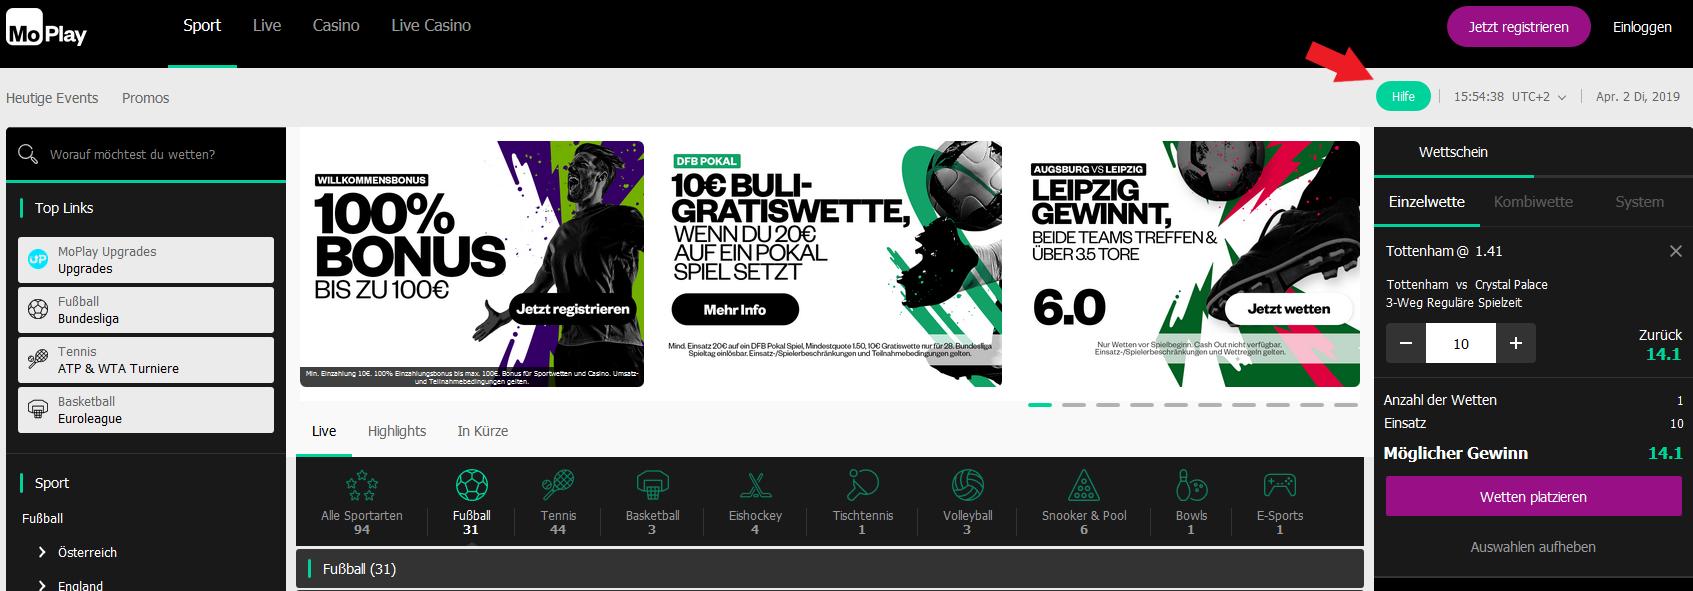 """MoPlay Startseite & """"Hilfe""""-Button"""